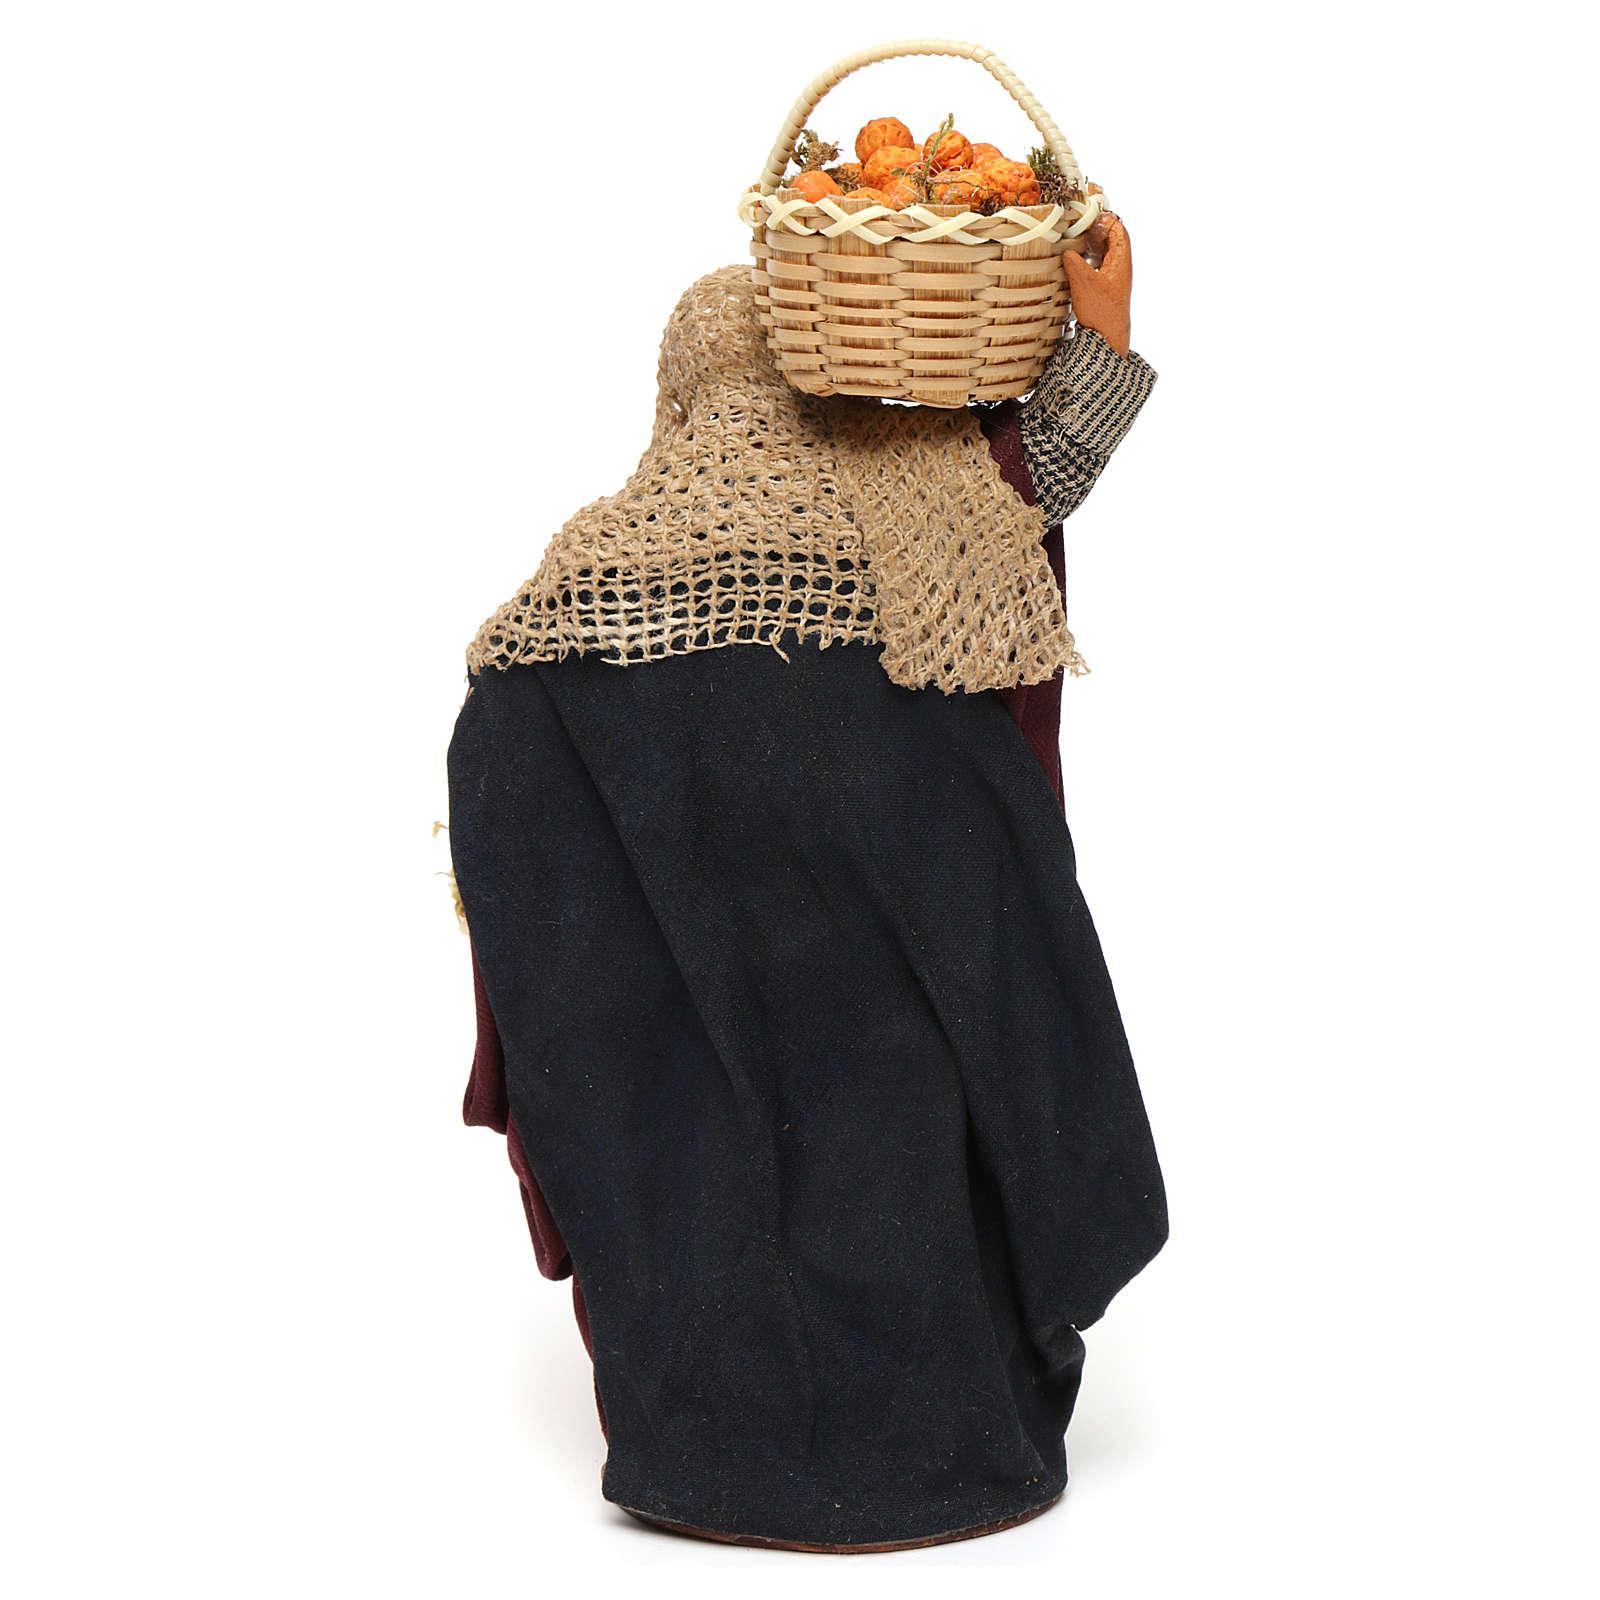 Kobieta kosz owoców w ręku 14 cm szopka z Neapolu 4